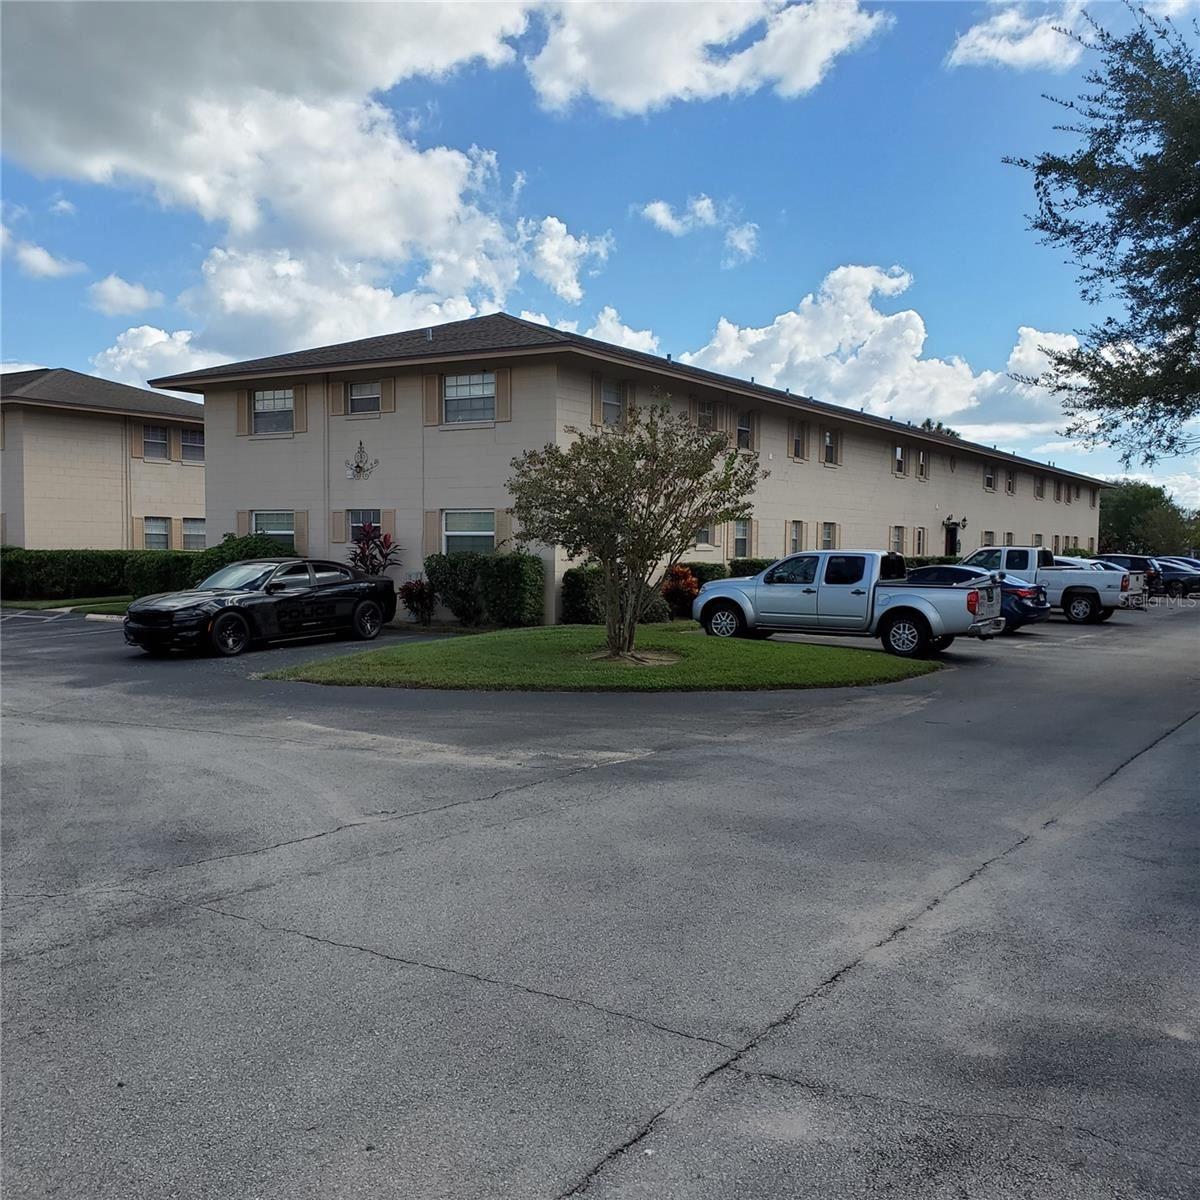 1100 E CAROLINE STREET #222, Tavares, FL 32778 - #: G5047800